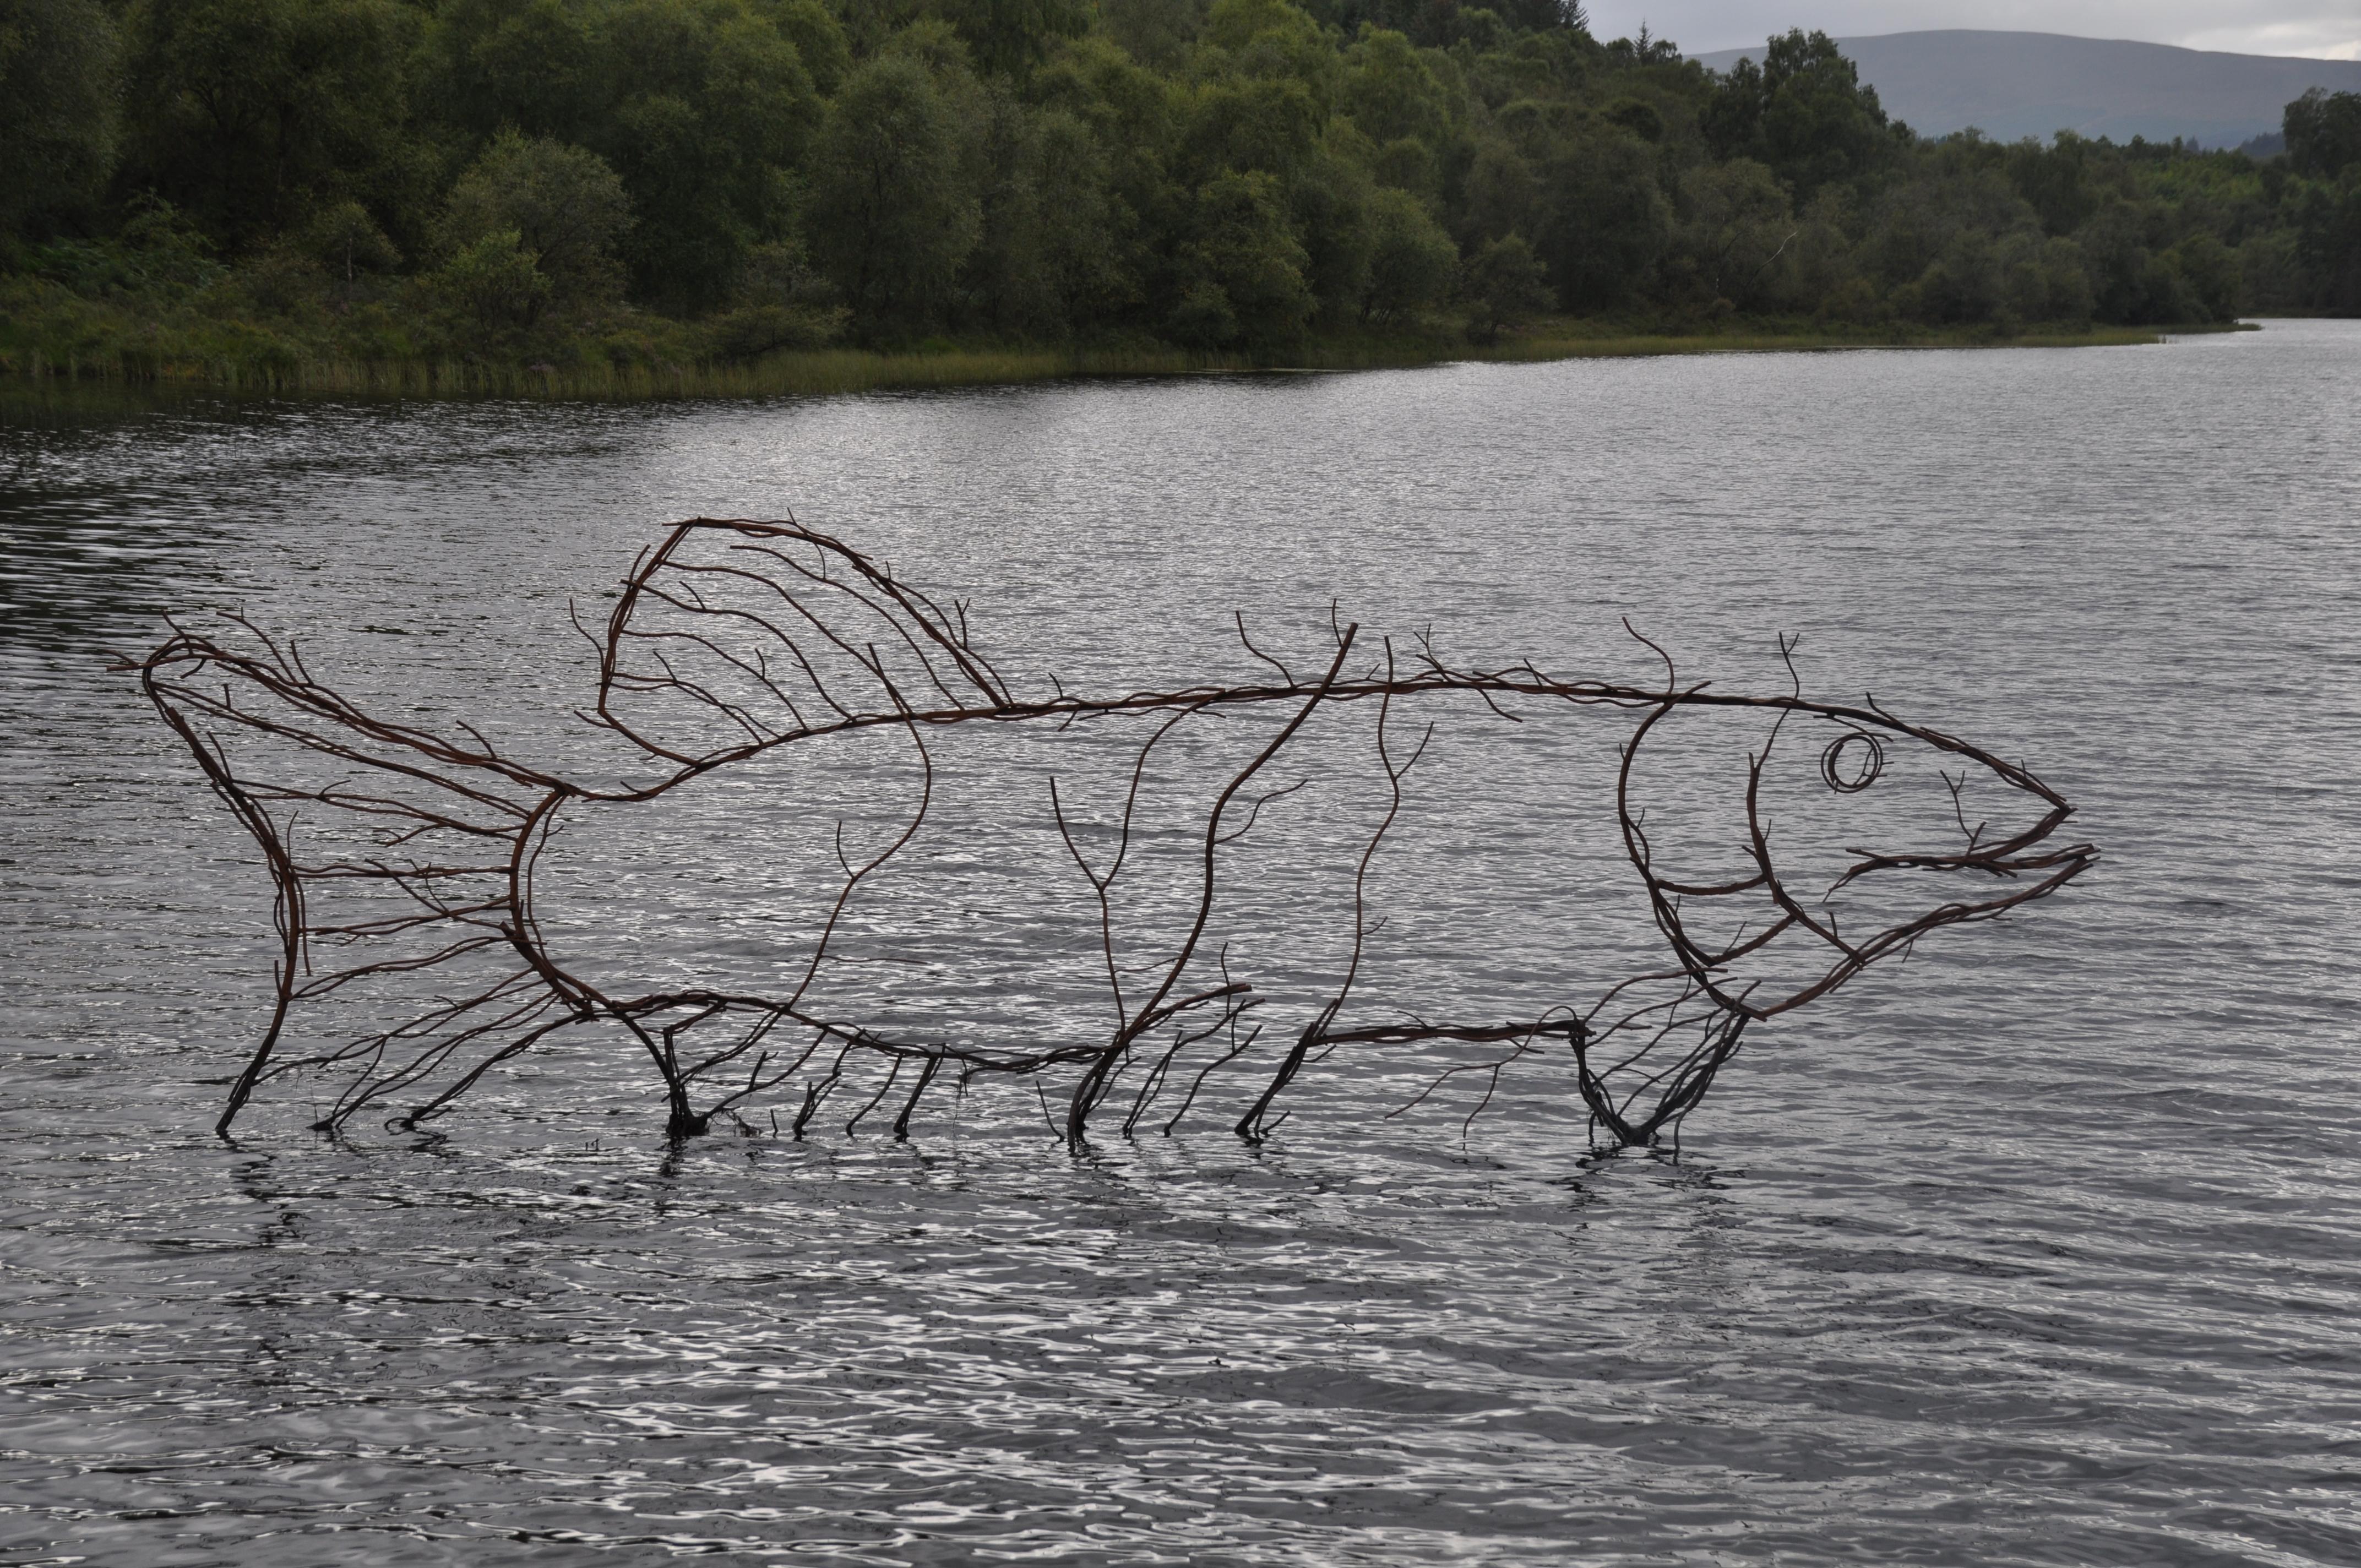 Sculpture of a pike at Lochan Spling, Scotland